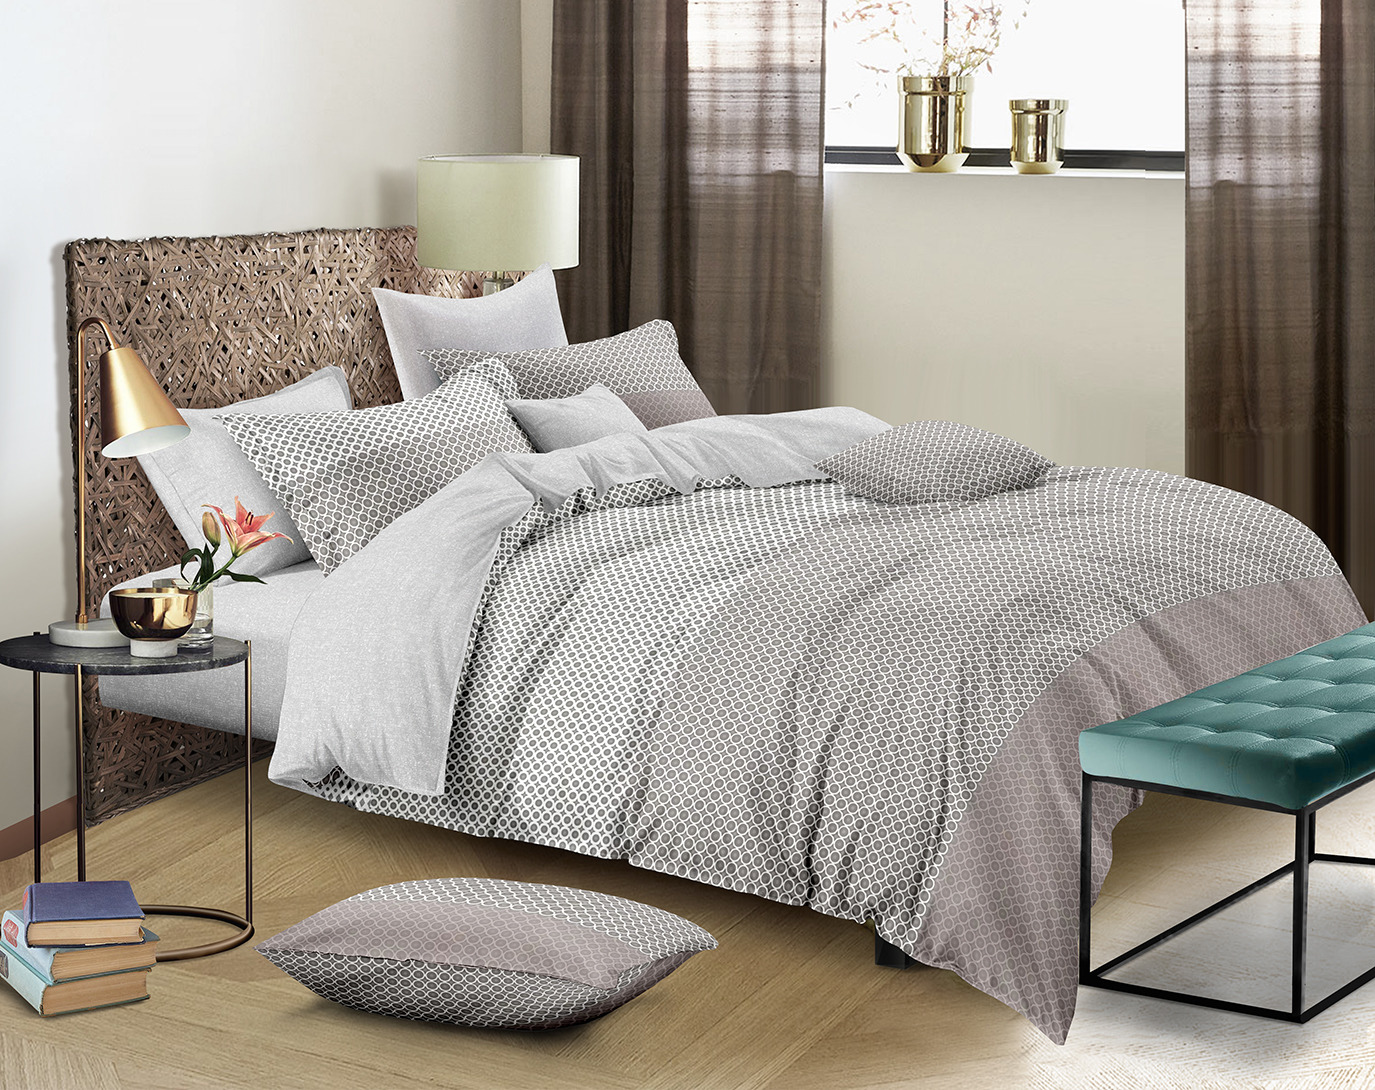 цена Комплект постельного белья Amore Mio Gold Calvin, 7832, бежевый, 1,5-спальный, наволочки 70x70 онлайн в 2017 году